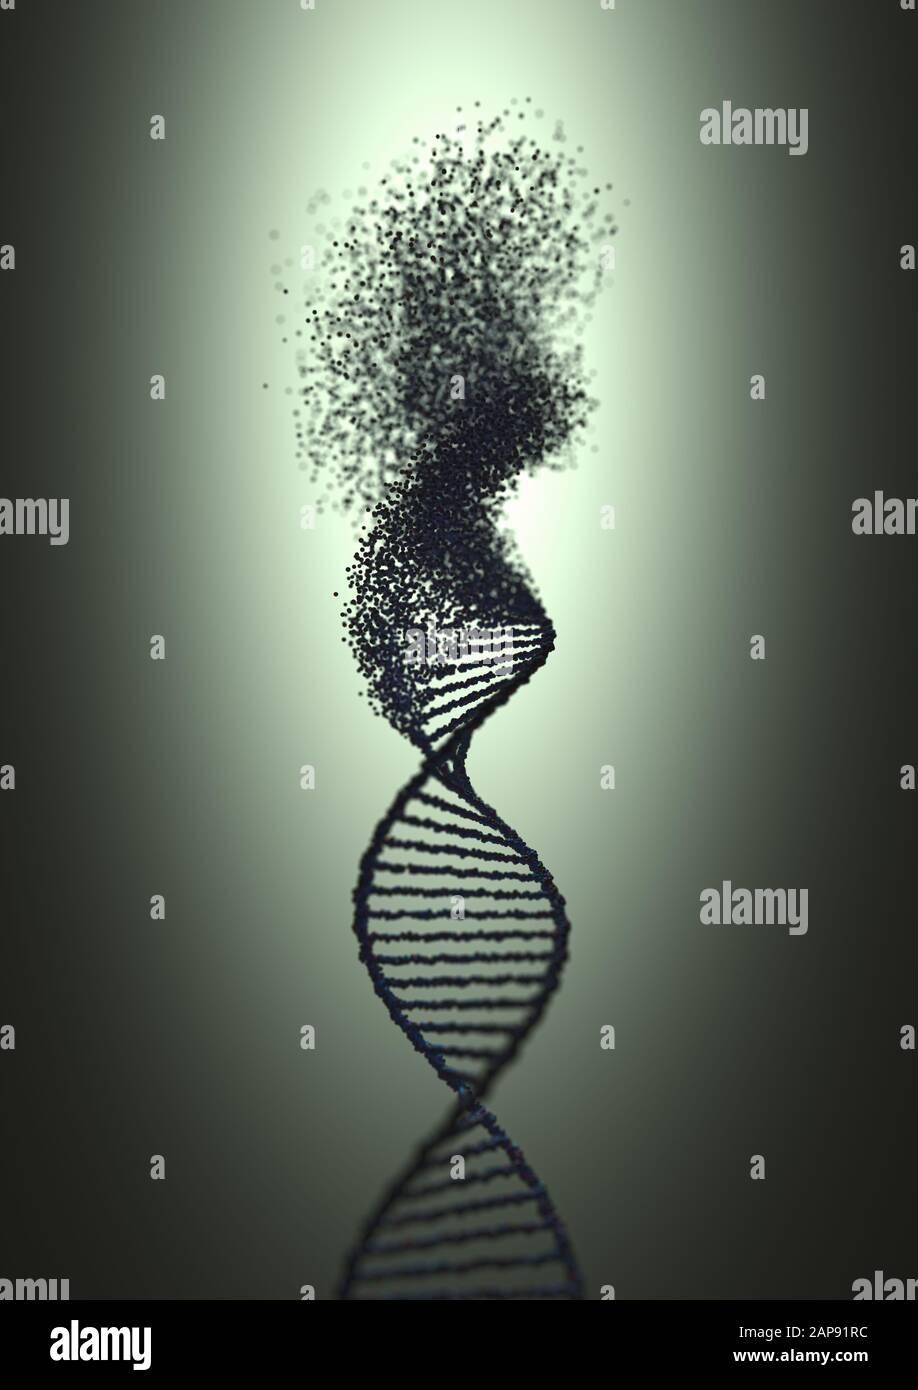 La sindrome di genetica e di disordine genetico, 3D illustrazione del concetto di scienza. Colorate molecola di DNA. Foto Stock